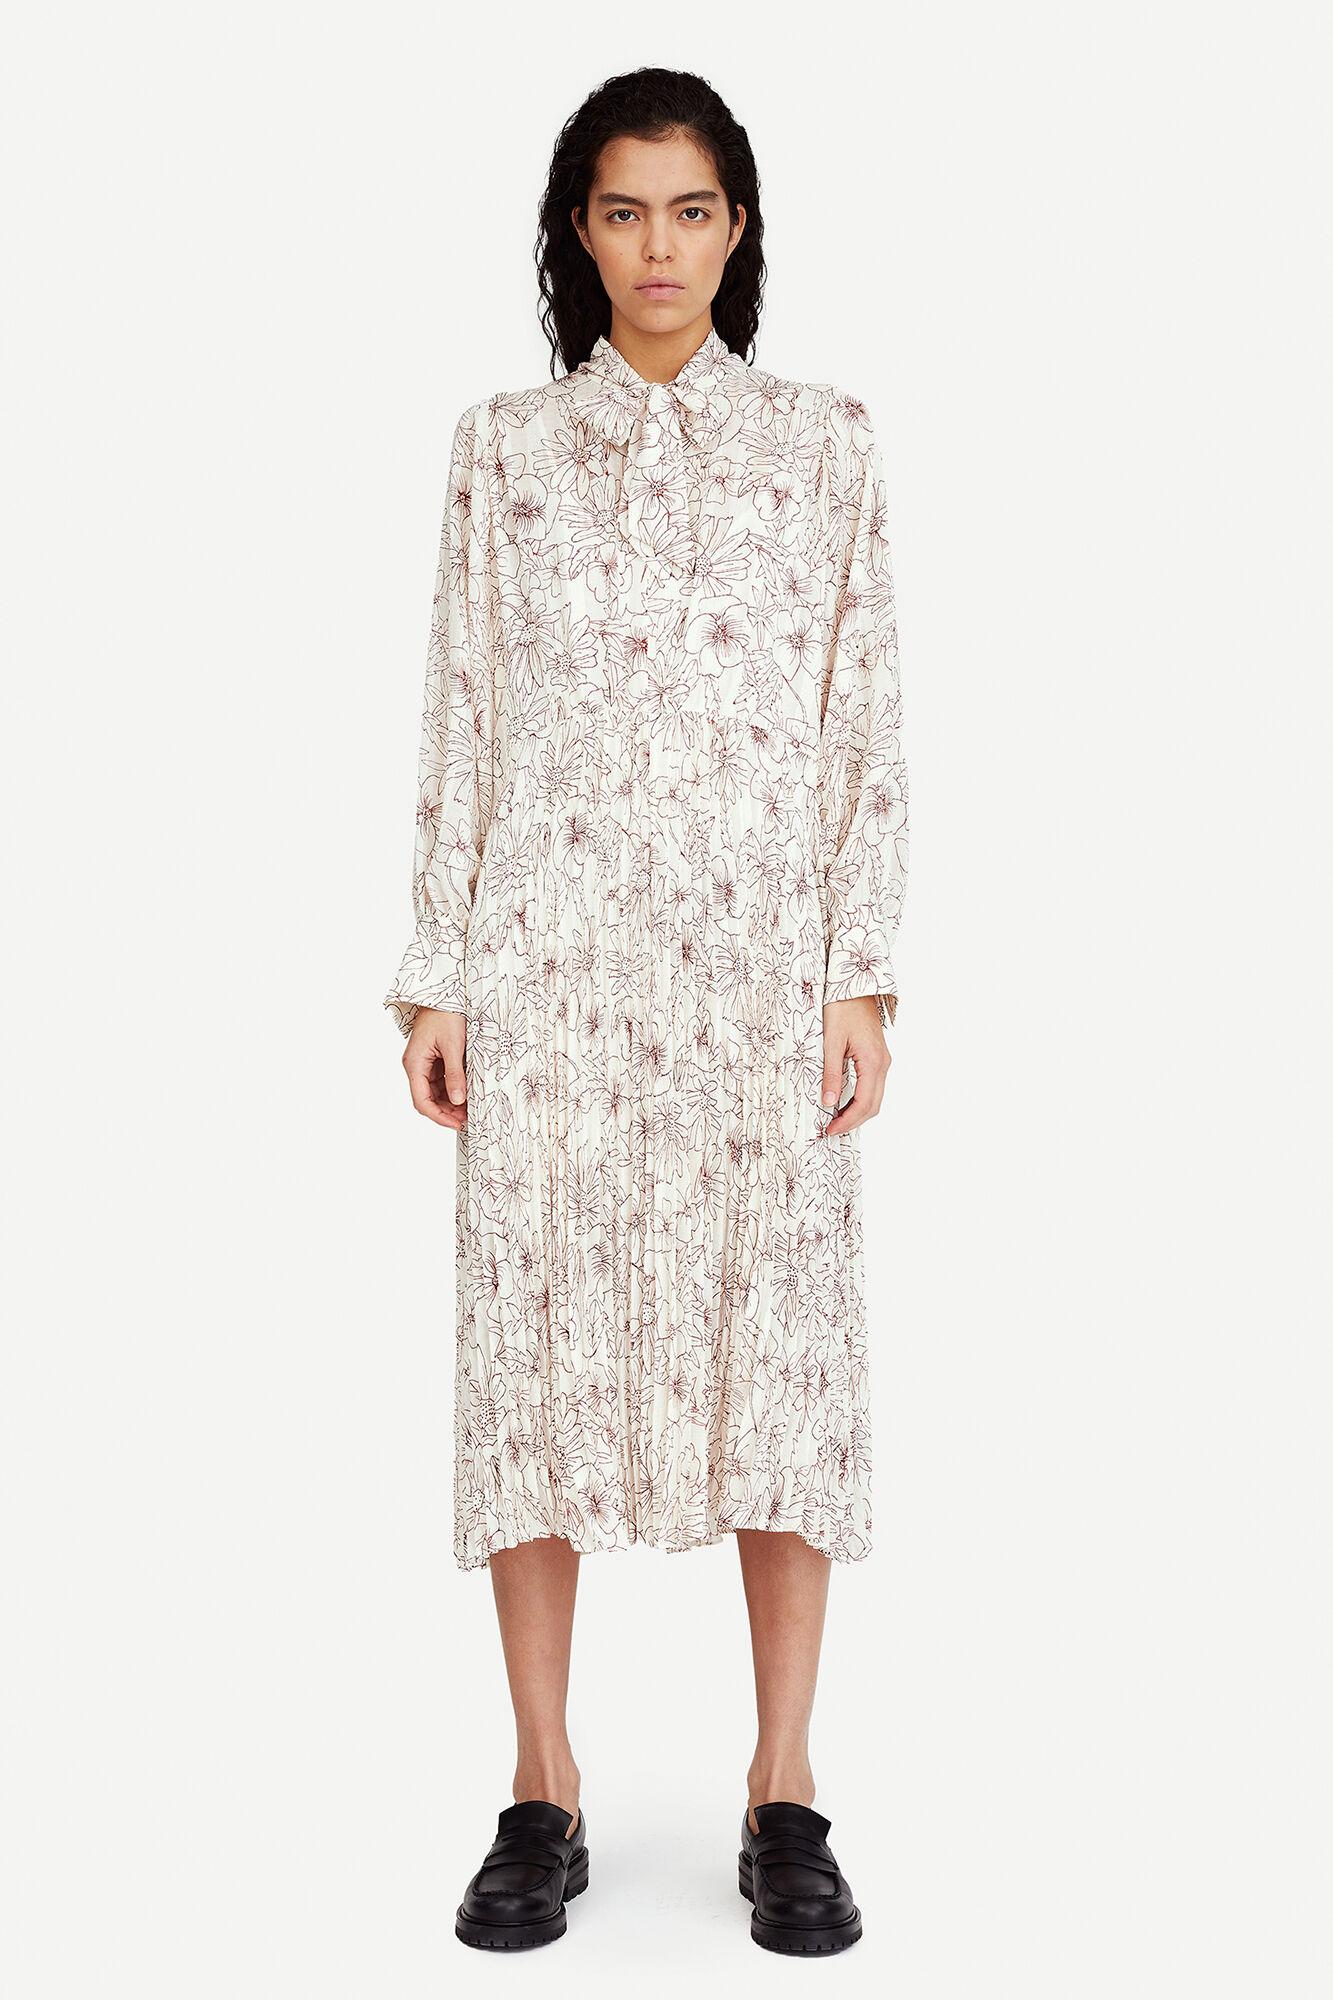 Dorothe dress aop 14018